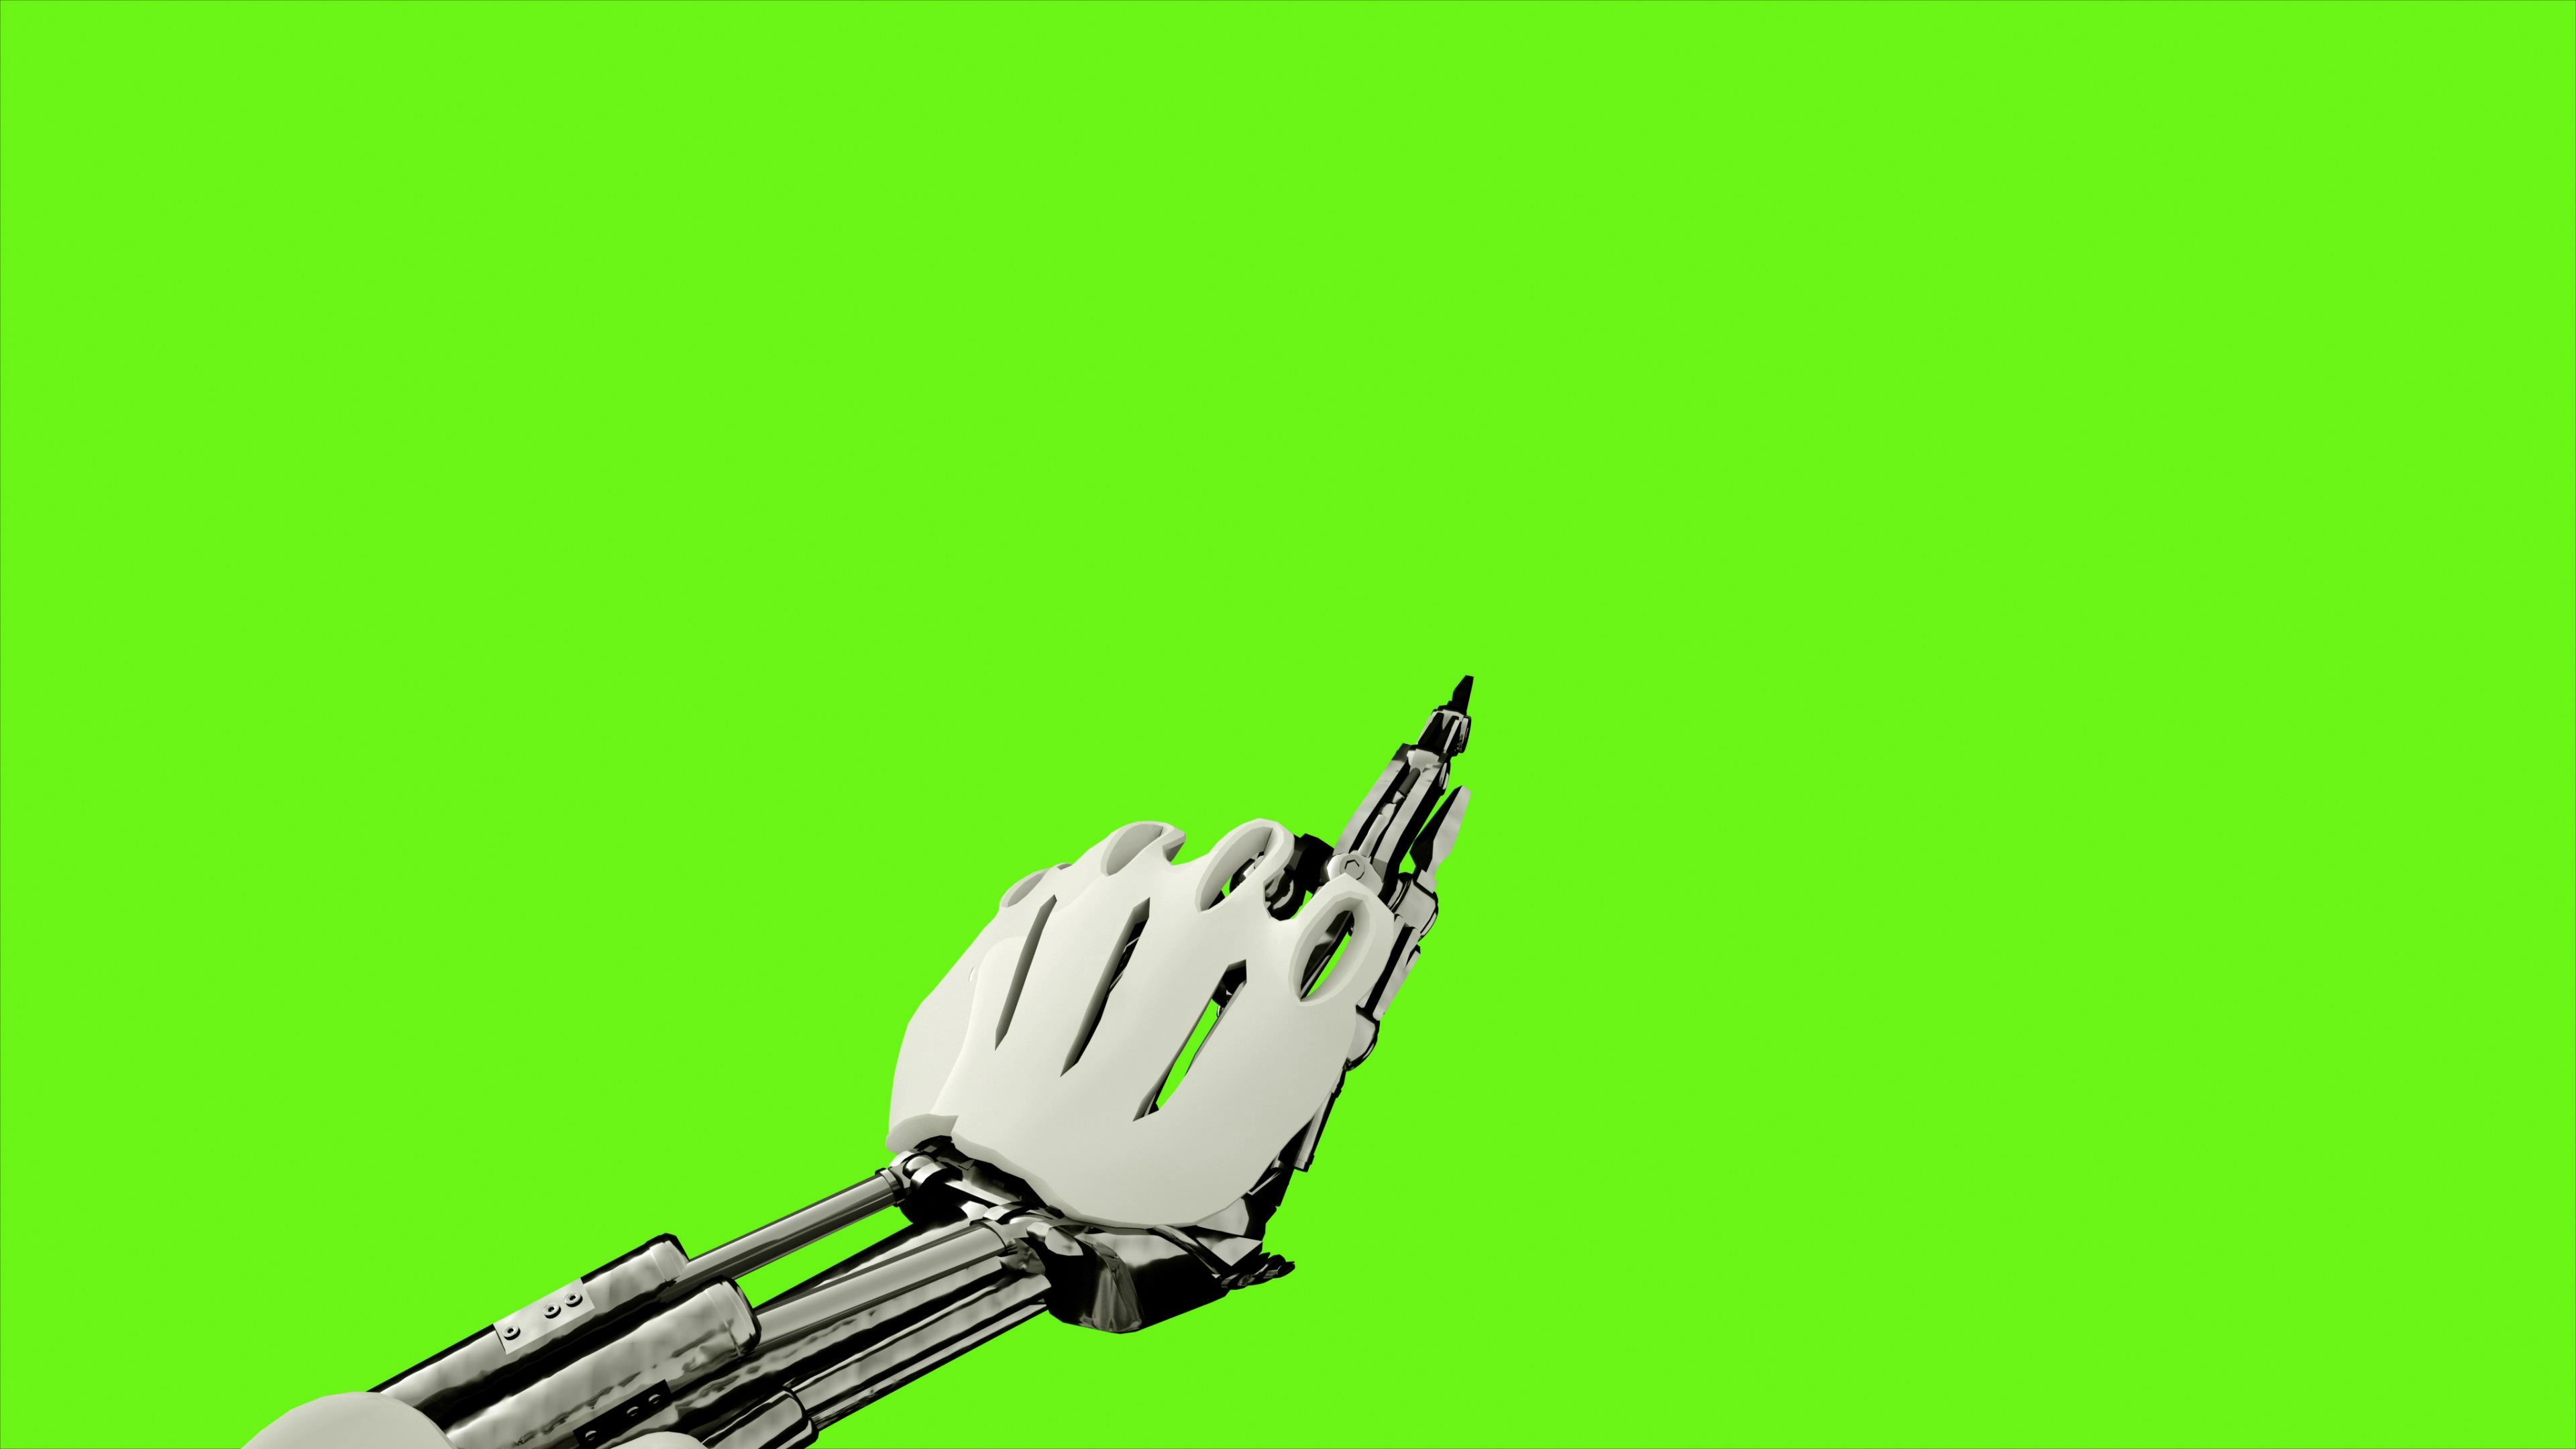 4k科技机器人手臂按键绿幕通道视频素材